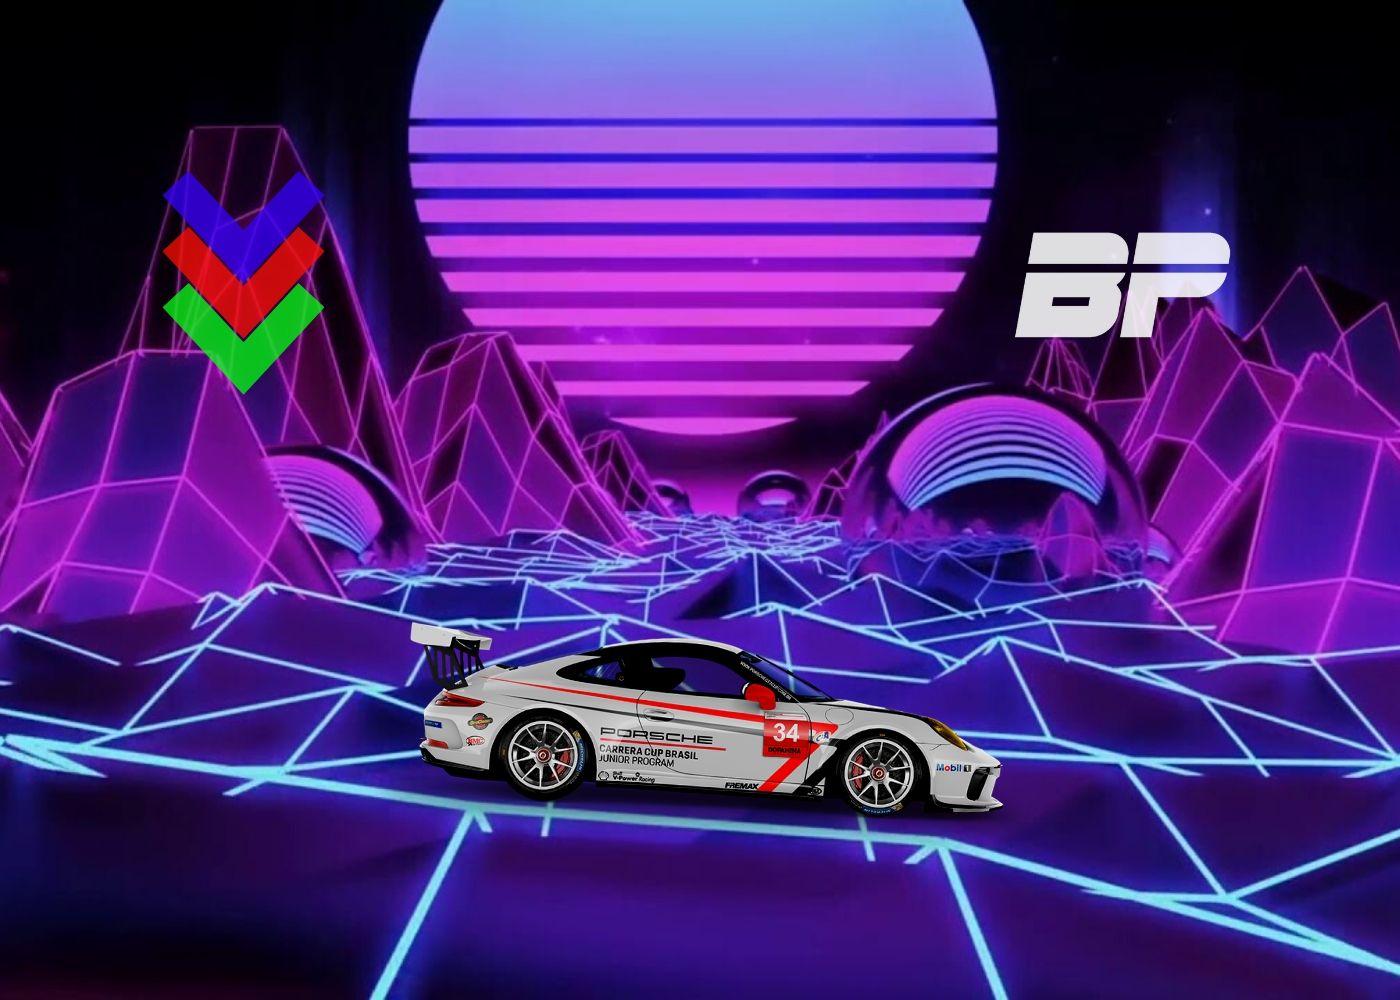 Foto de Do C.2 Phaeton ao Porsche 911 GT3 Cup 2 4.0, assim vejo os esportivos de Stuttgart